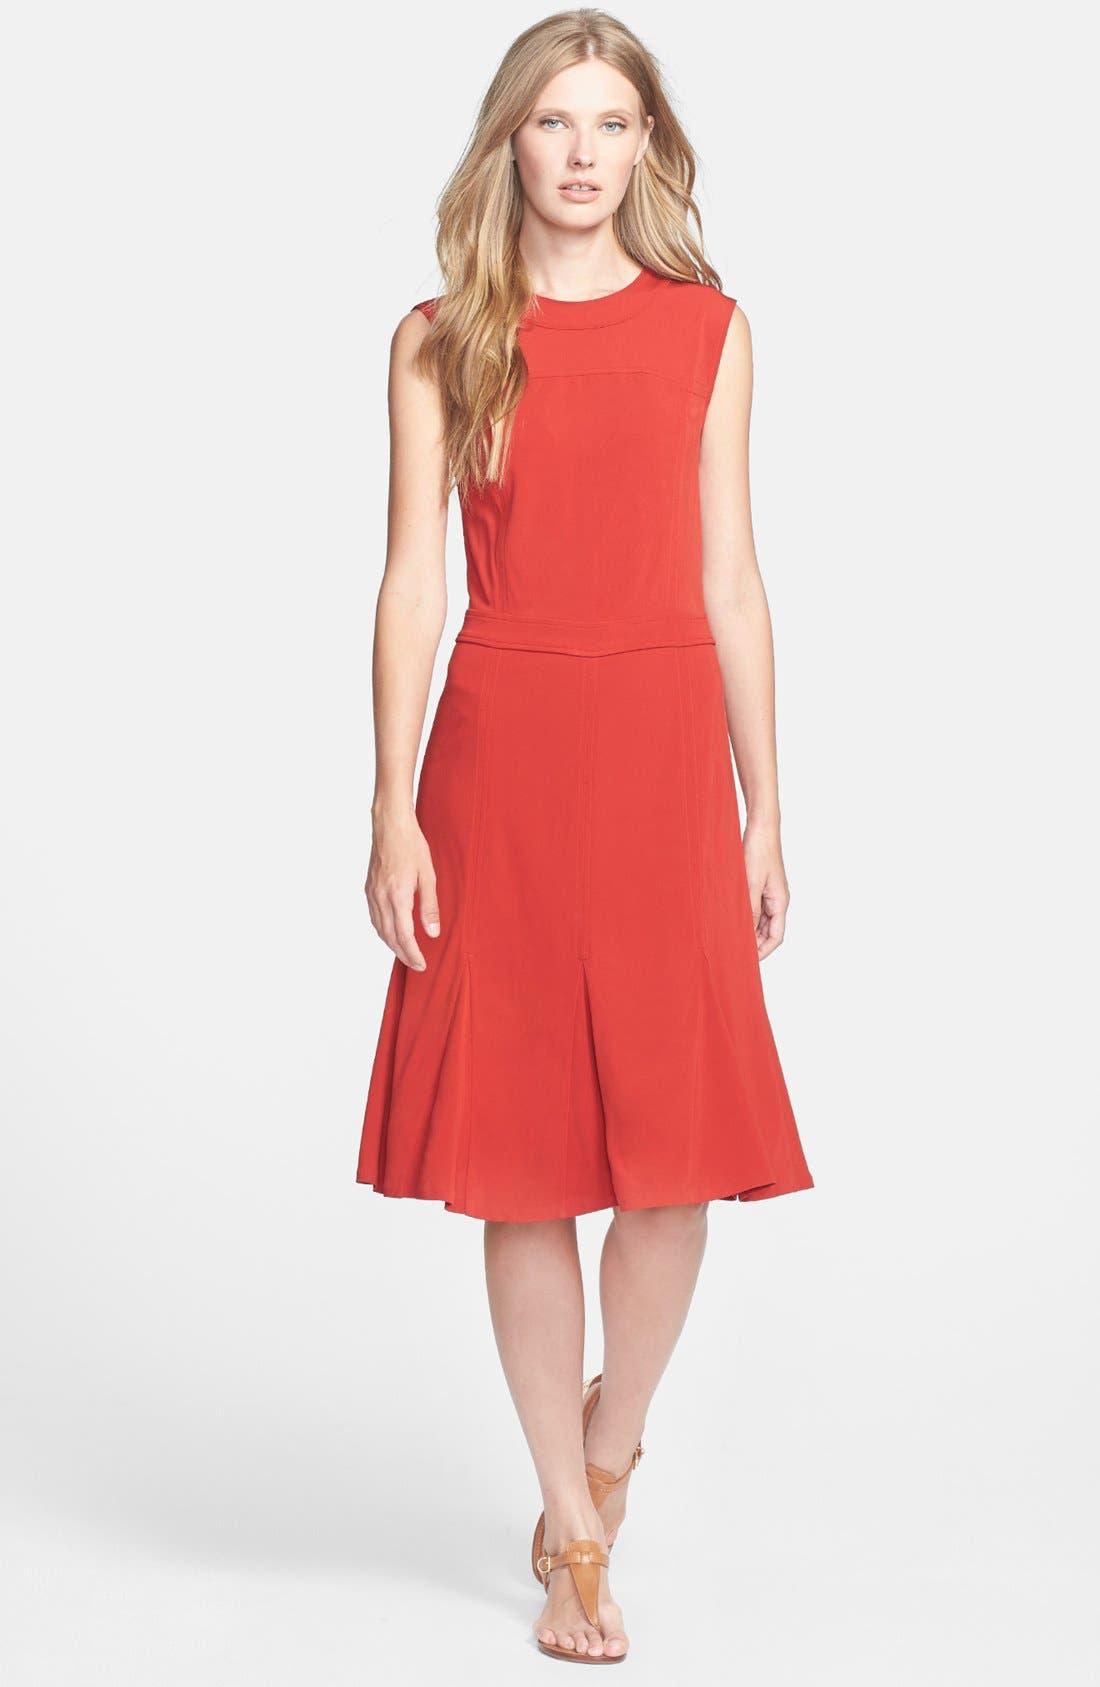 Alternate Image 1 Selected - Tory Burch 'Deeann' Woven A-Line Dress